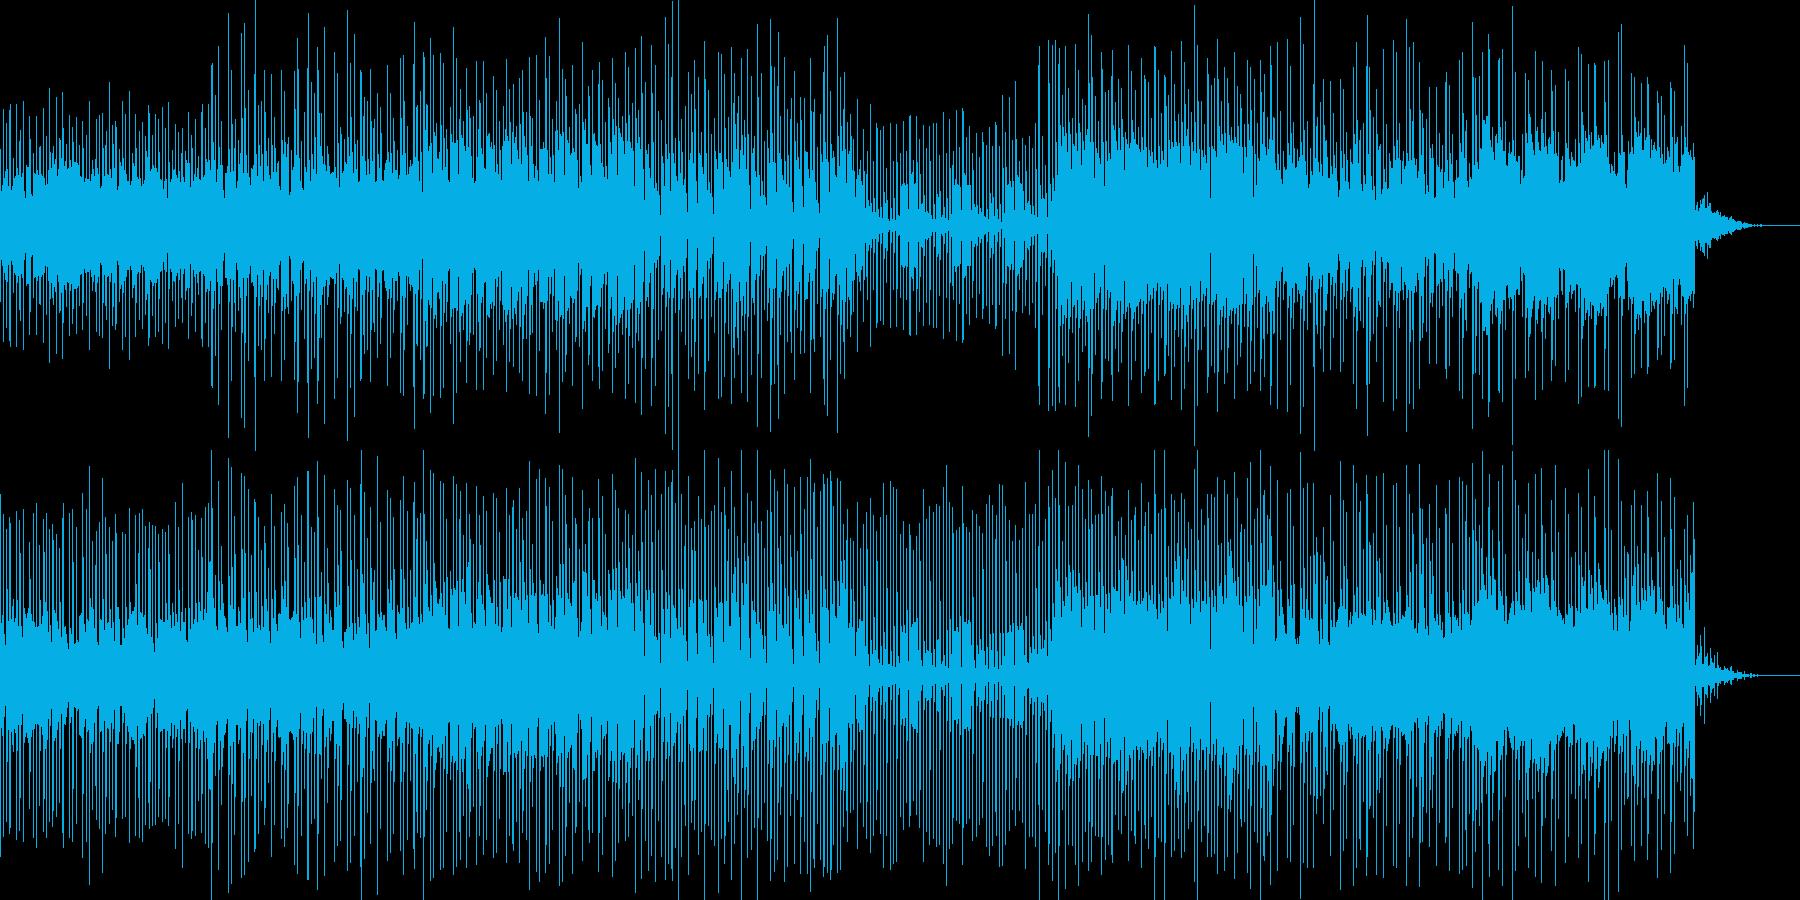 8bit風のピコピコ音と走り抜けるリズムの再生済みの波形